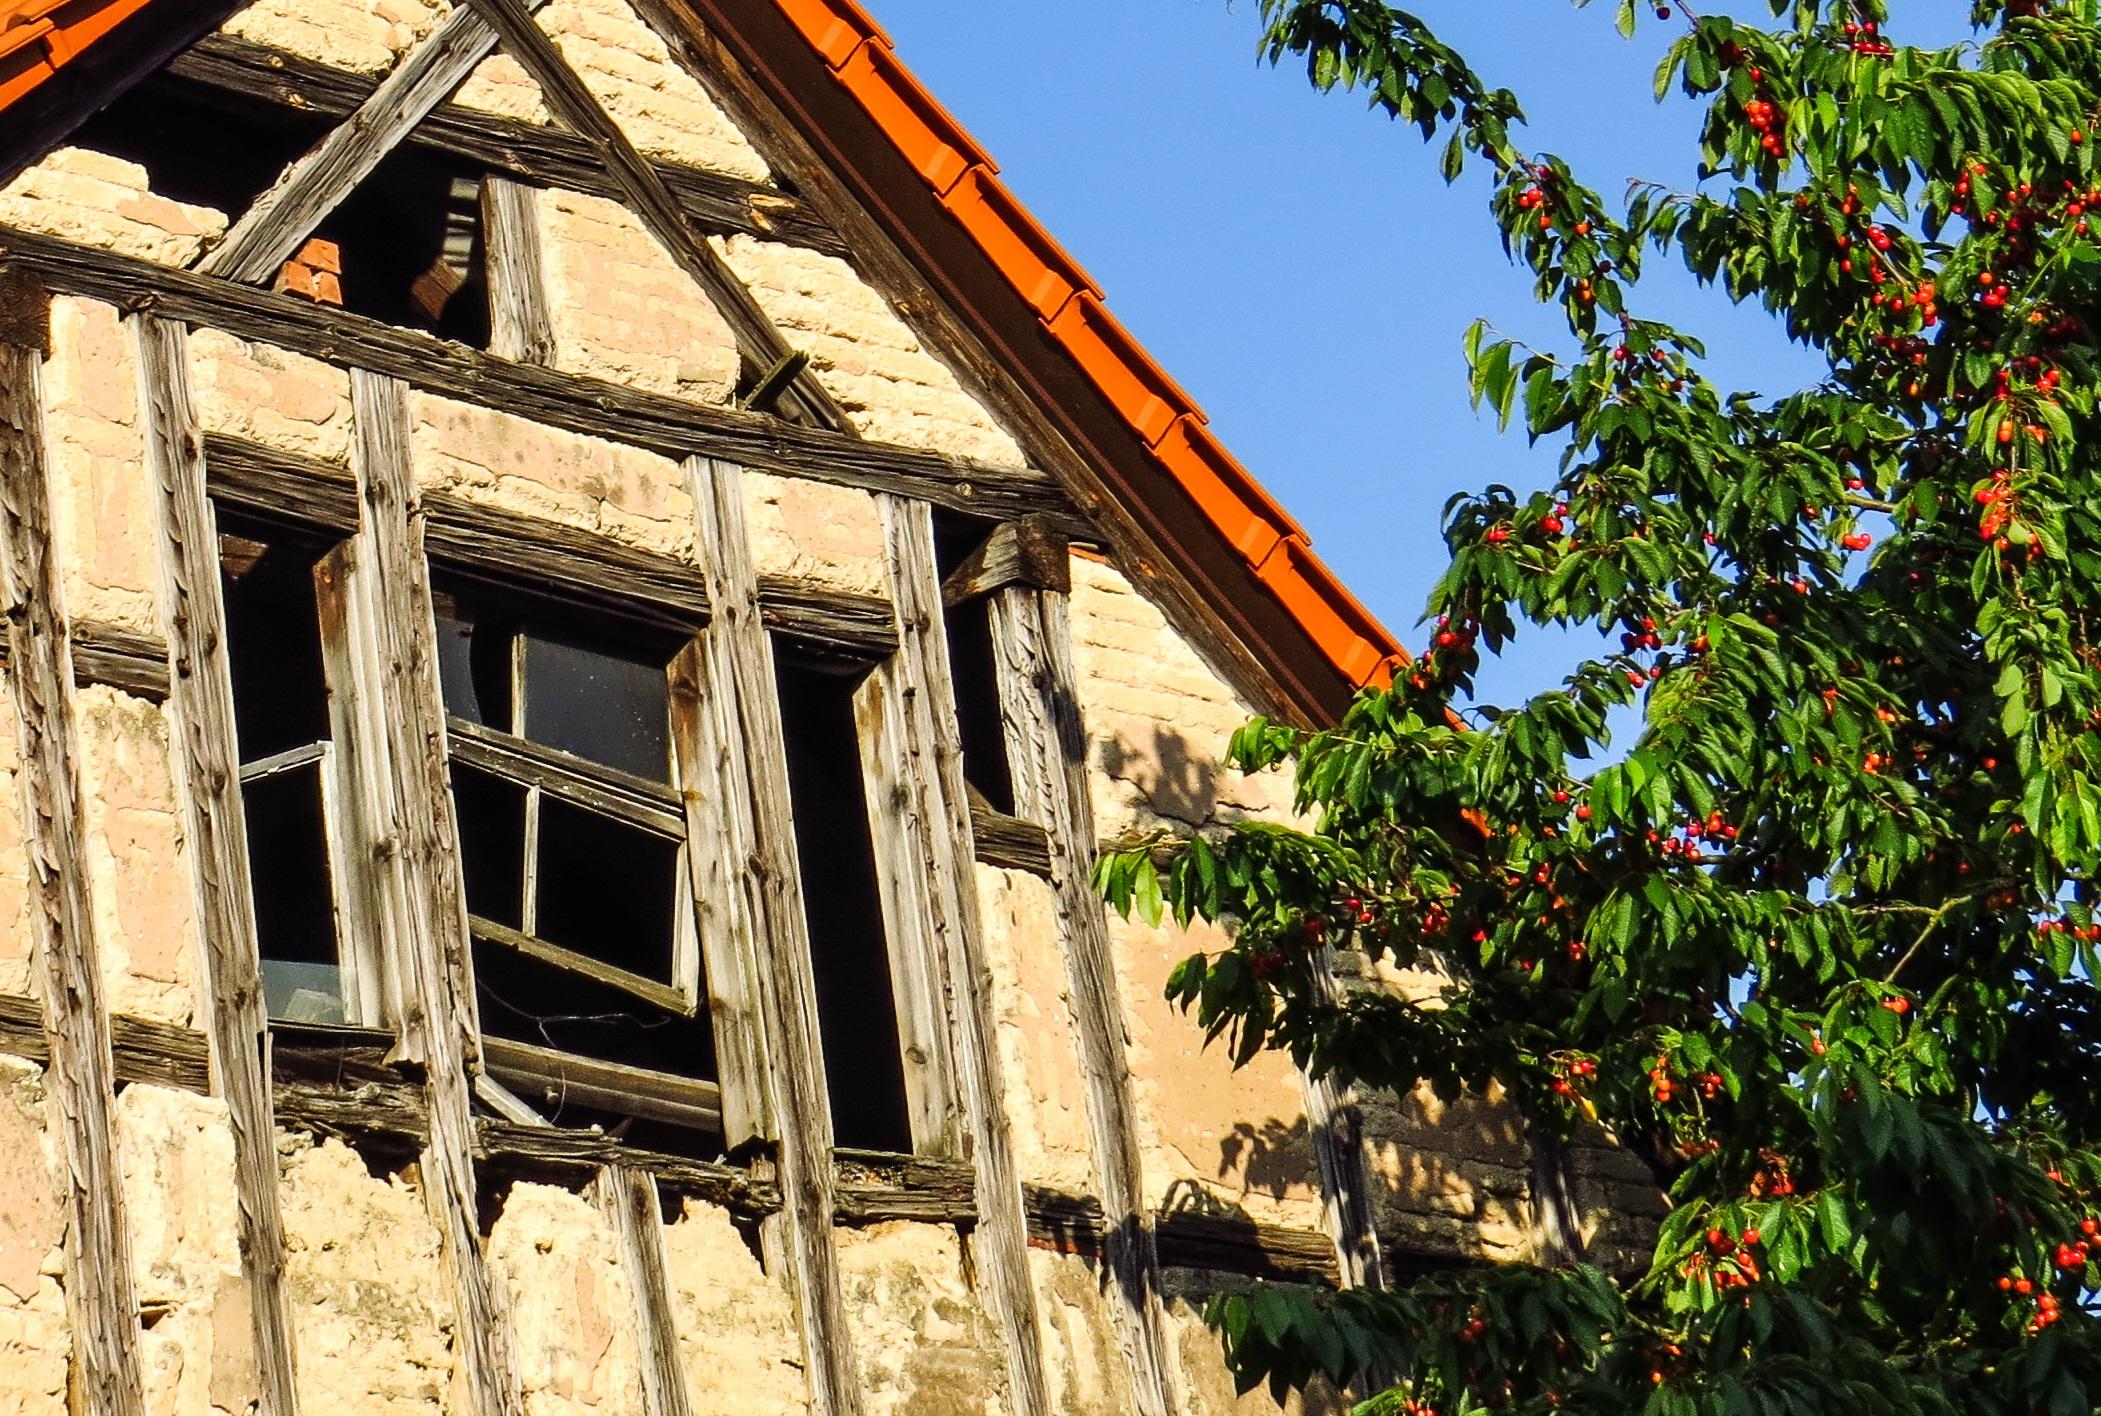 Die Architektur Haus Fenster Alt Zuhause Fassade Nostalgie Immobilien  Renovierung Kirsche Kirschen Truss Holzbinder